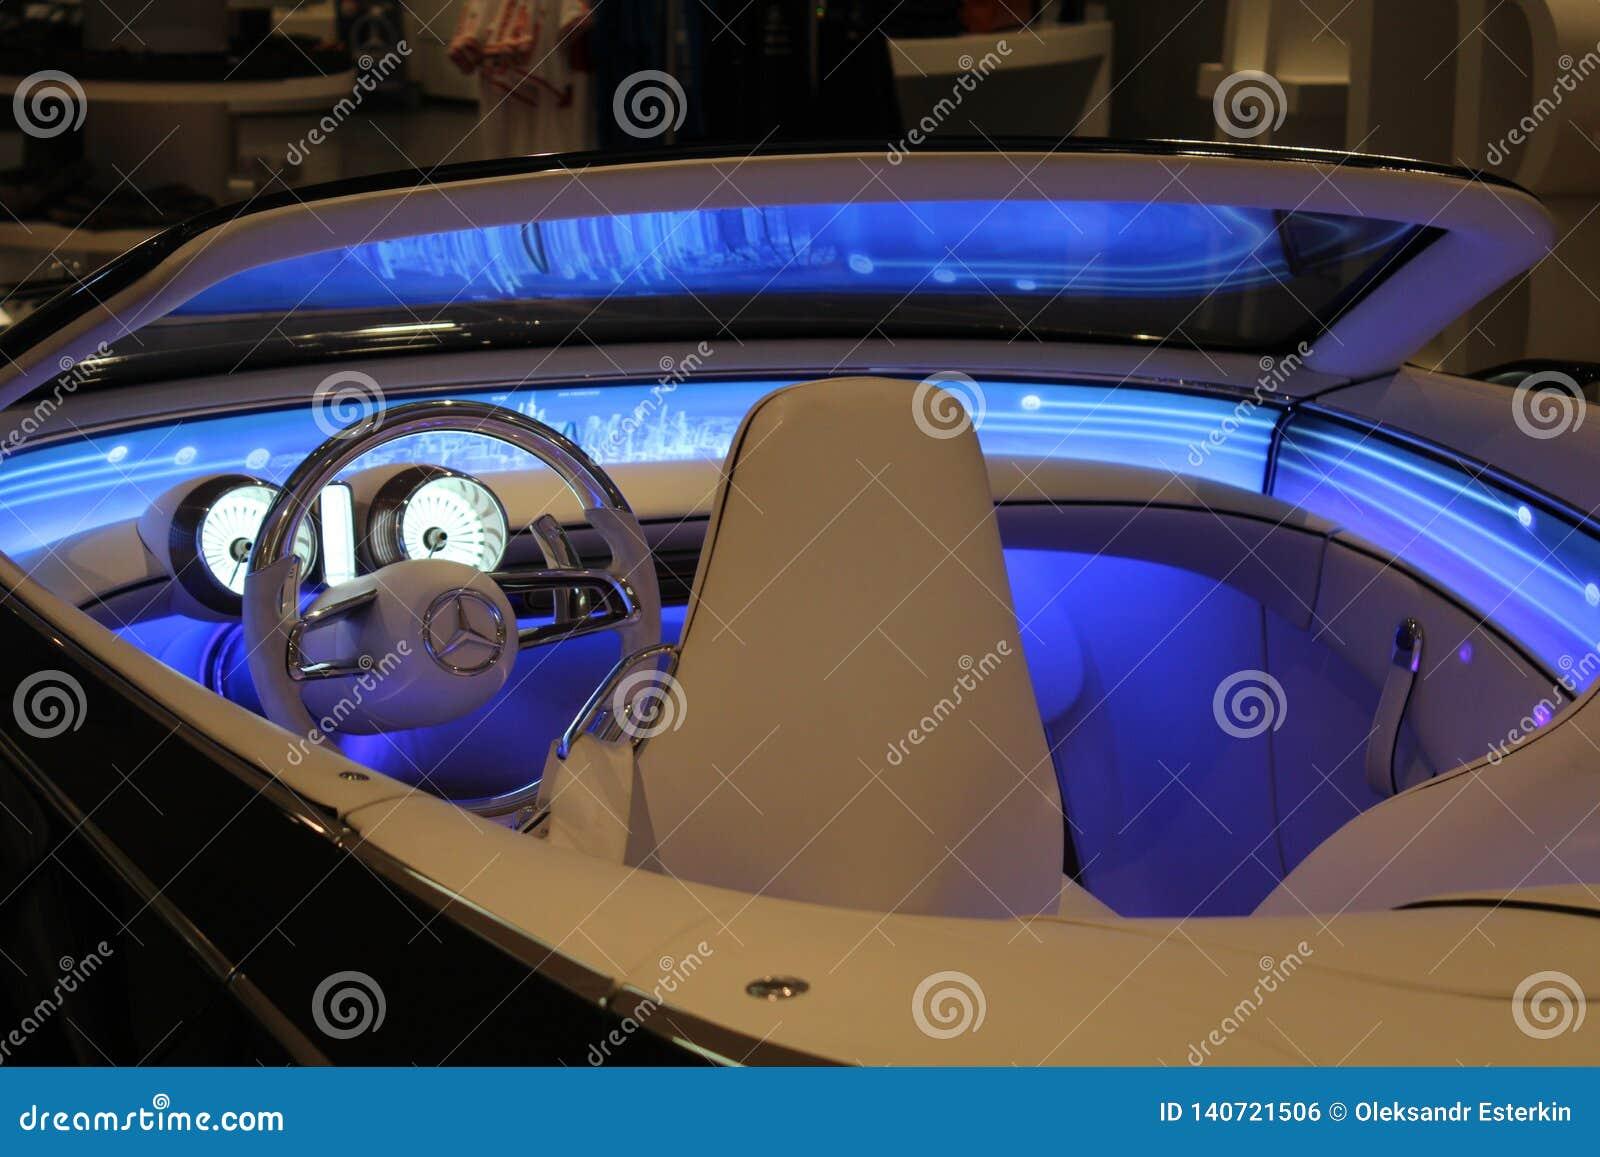 Uno de los últimos modelos de Mercedes